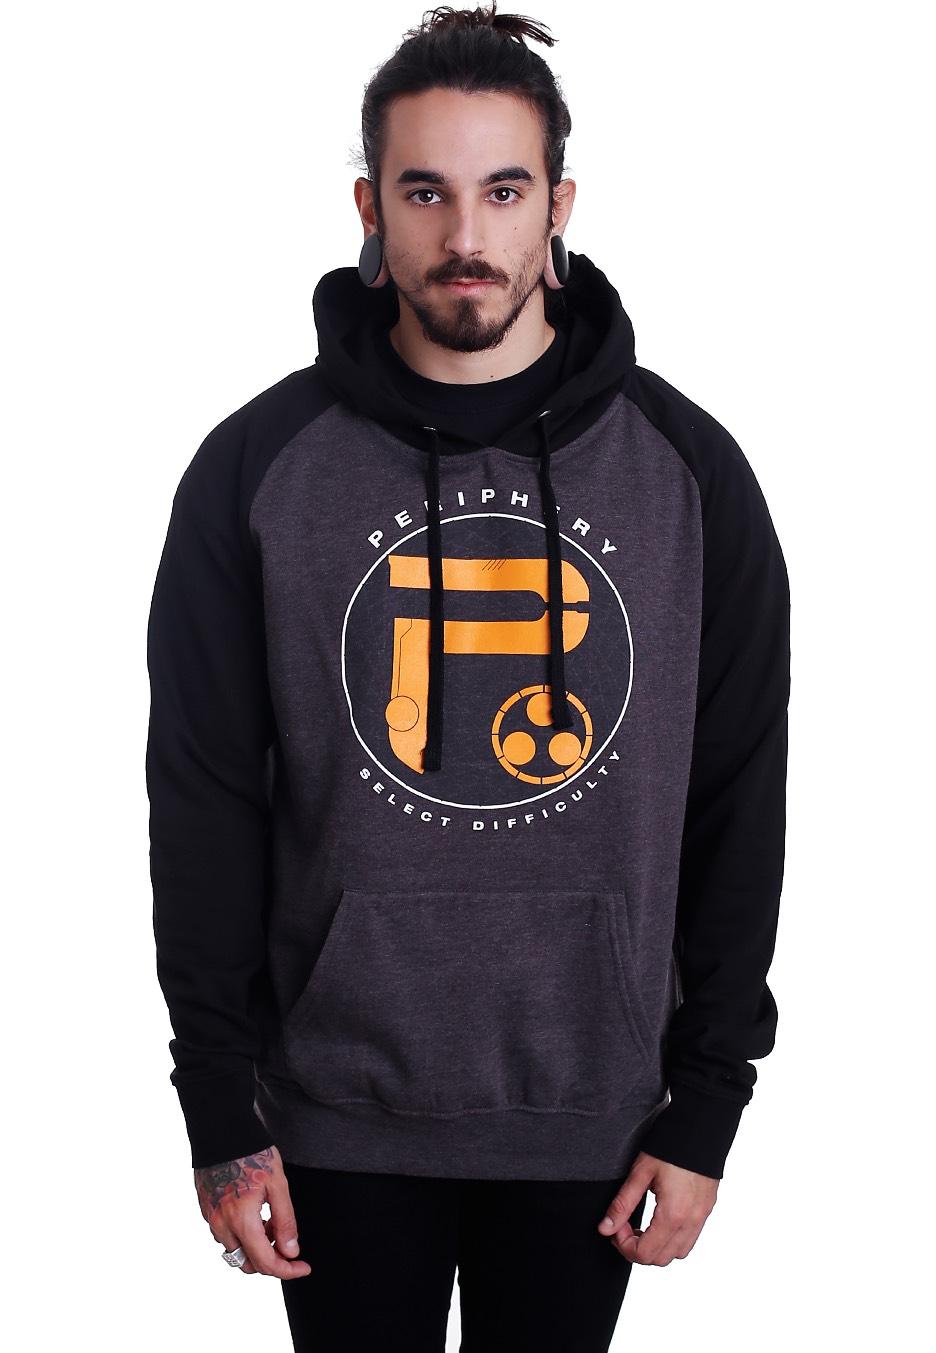 Periphery hoodie